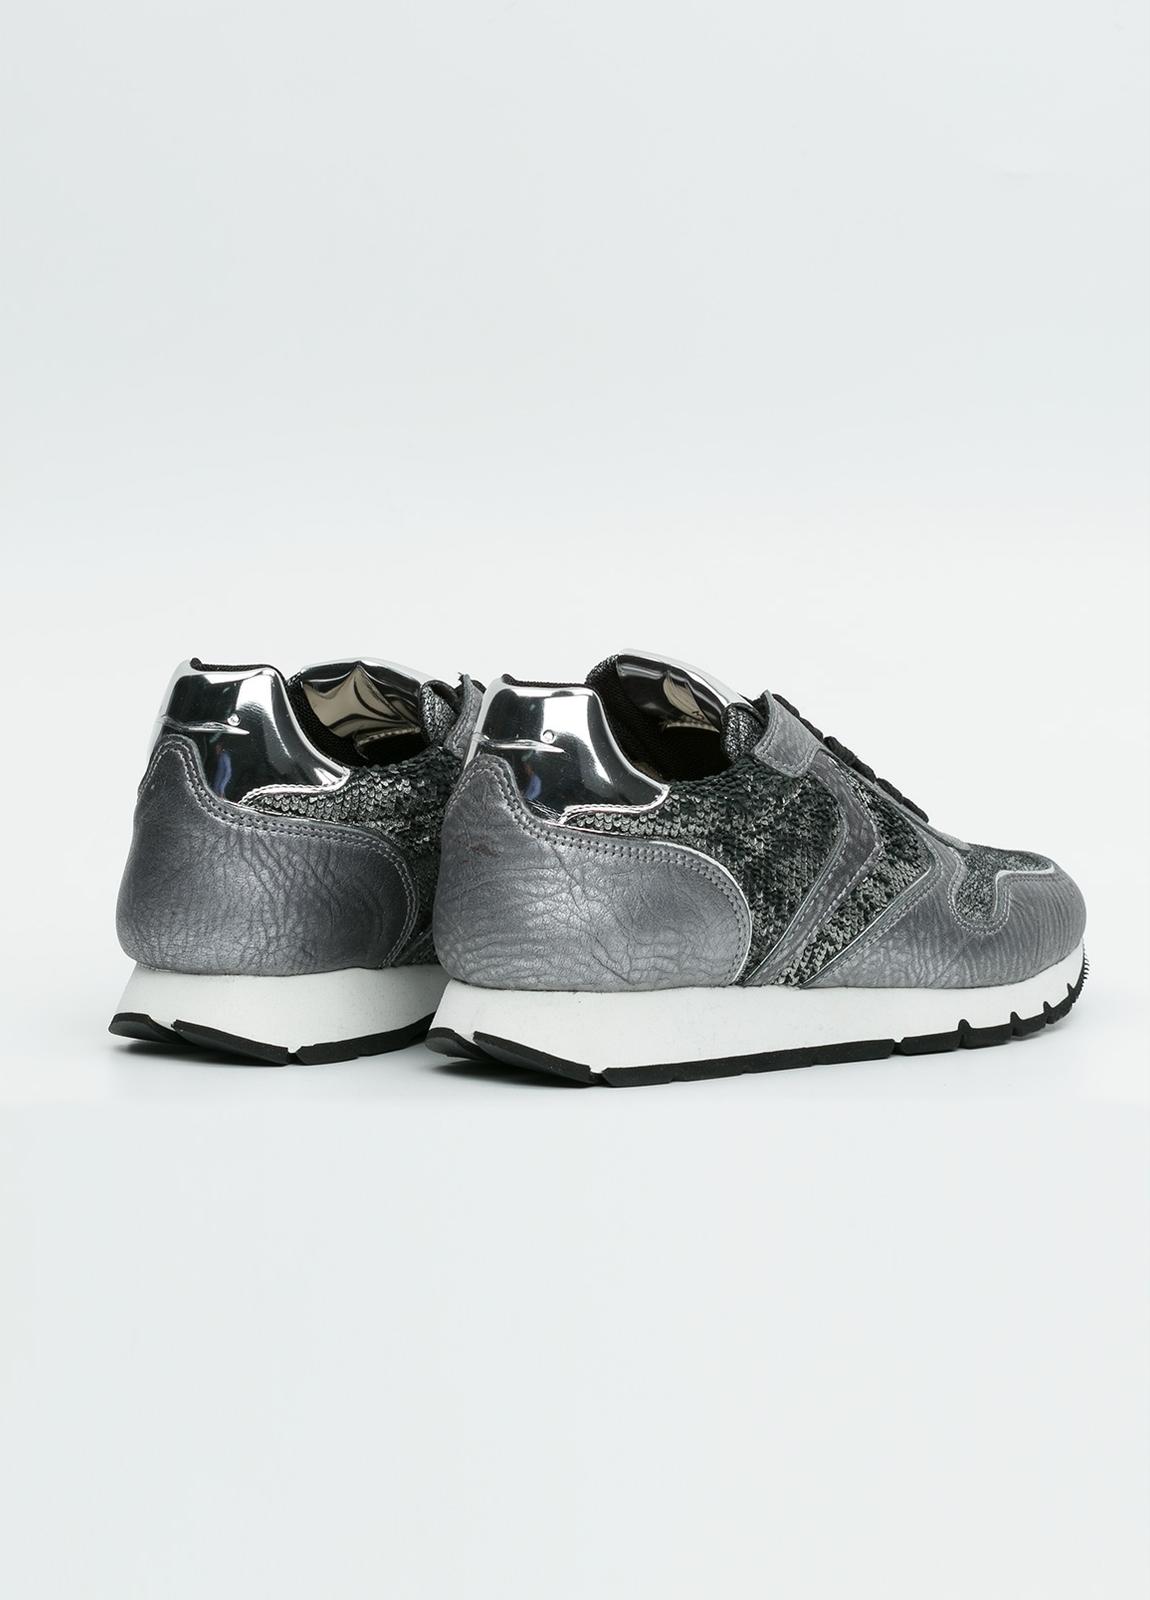 Calzado sport woman color gris metalizado con detalles plateados. Combinación de piel y tejido técnico. - Ítem3